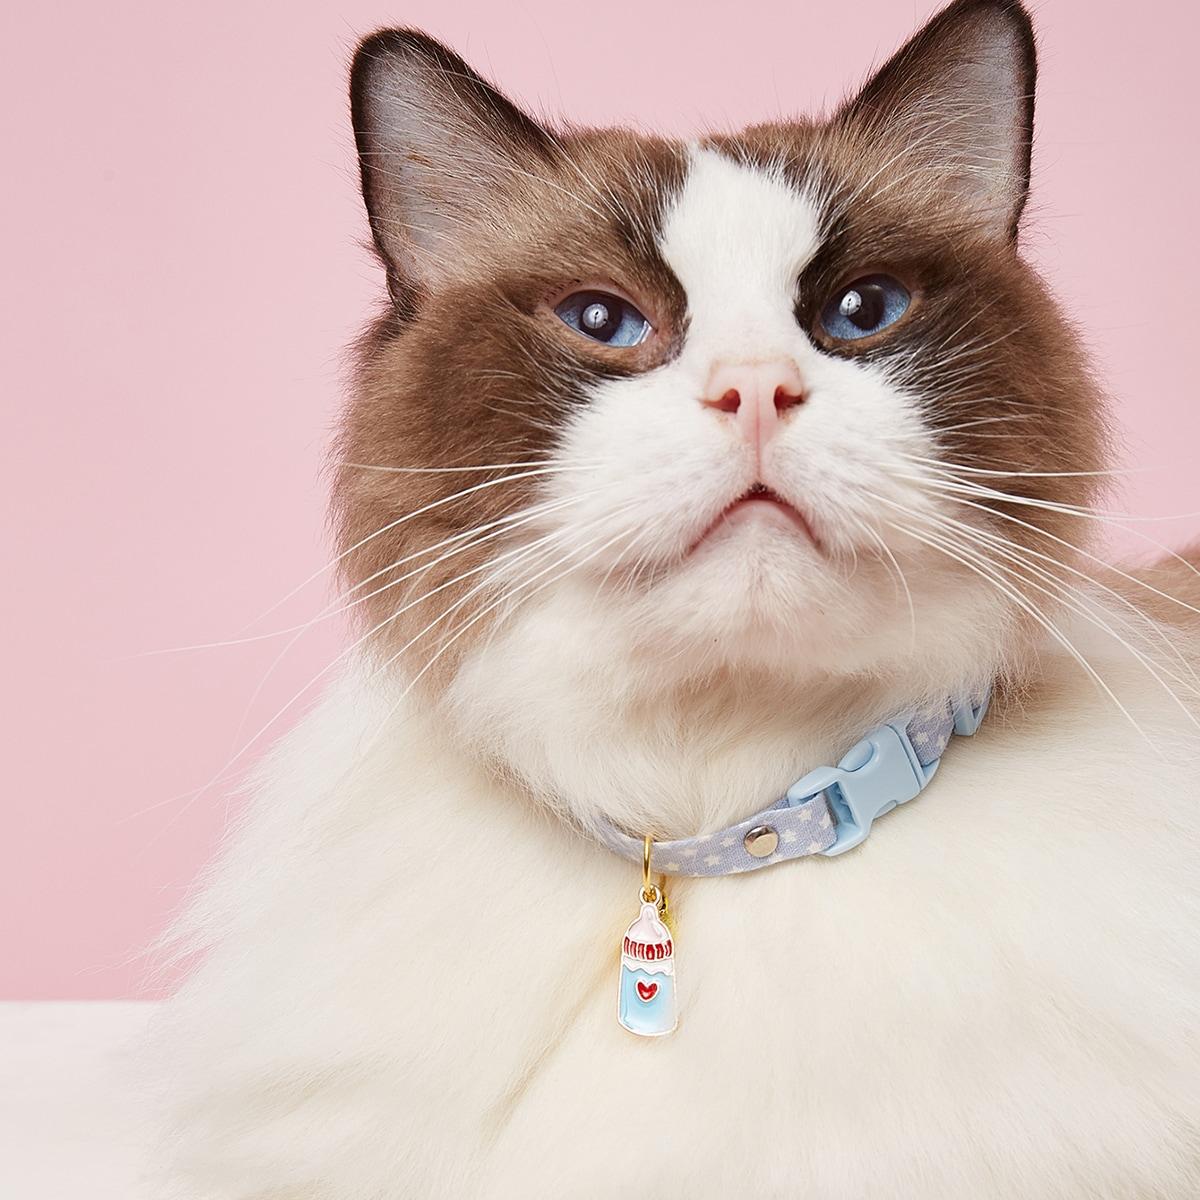 1 Stück Haustier Halskette mit Milchflasche Dekor